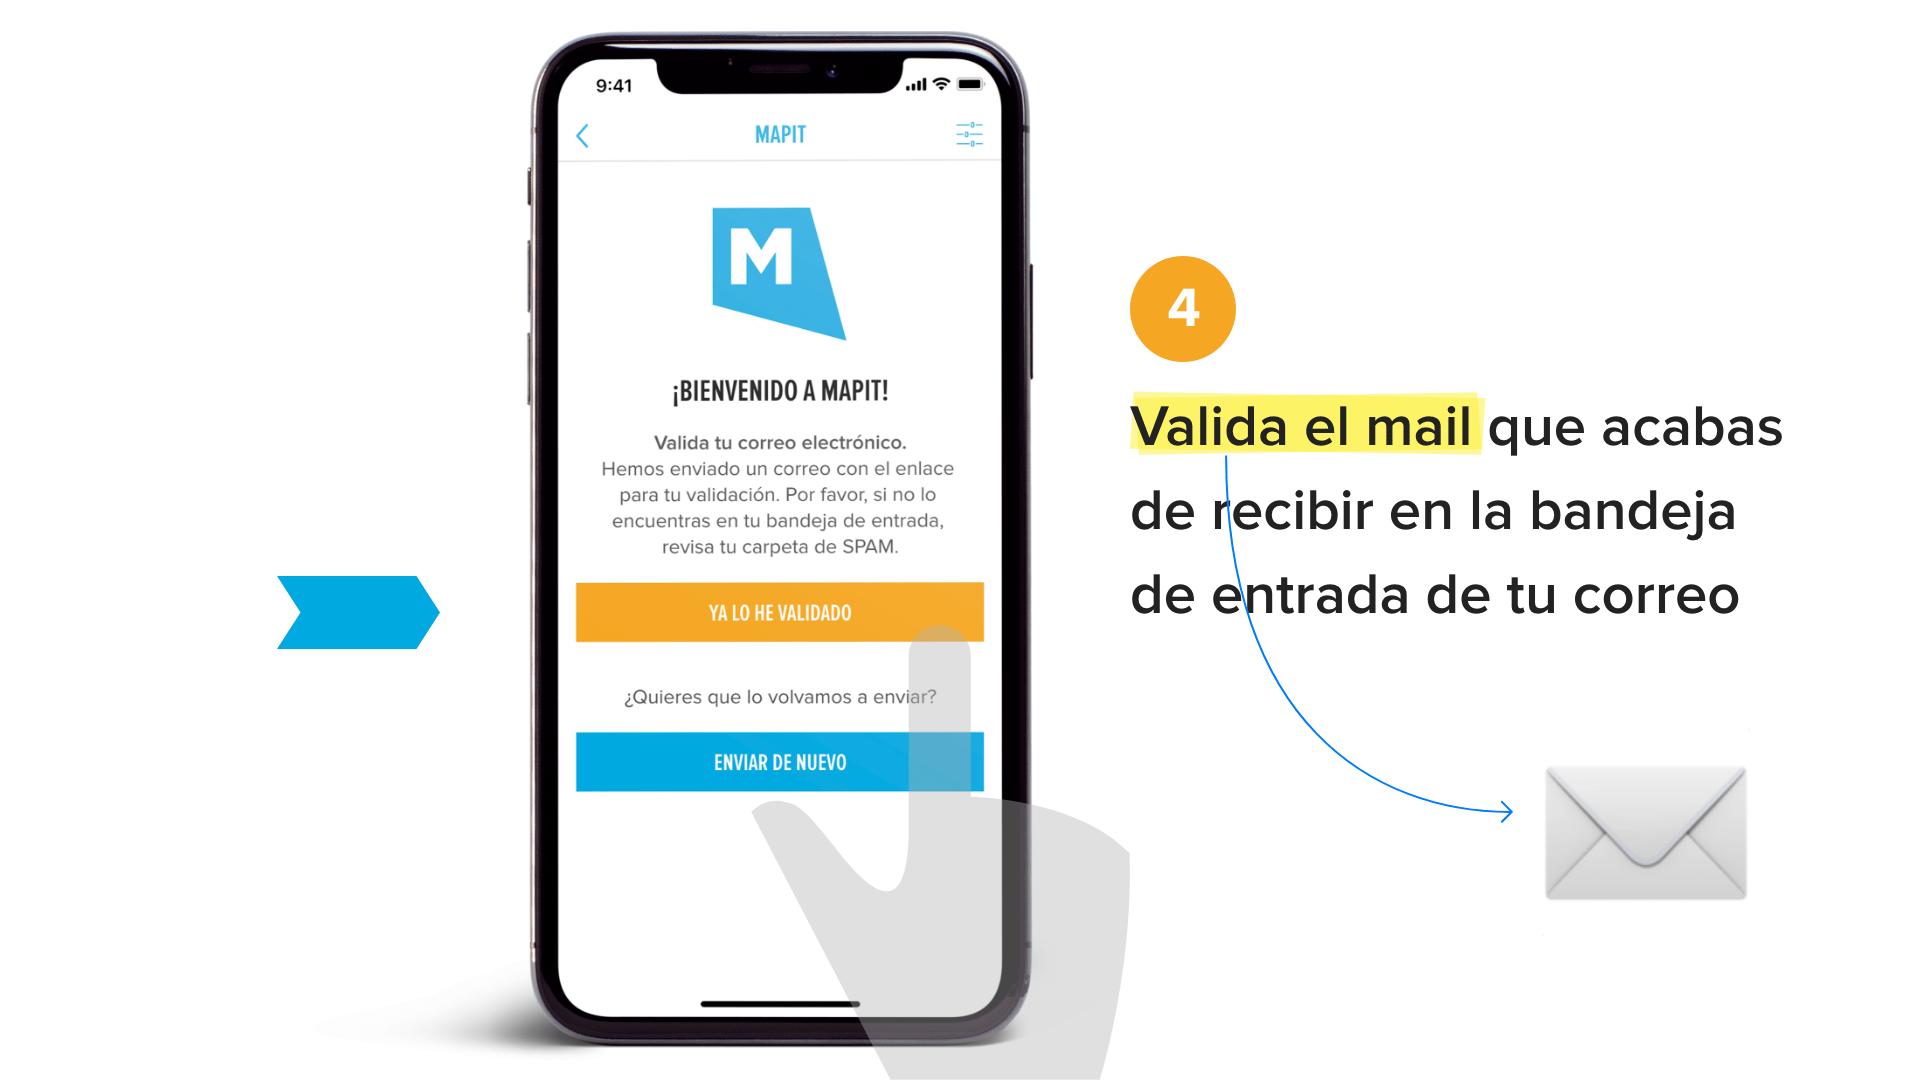 Valida el mail que acabas de recibir en la bandeja de entrada de tu correo